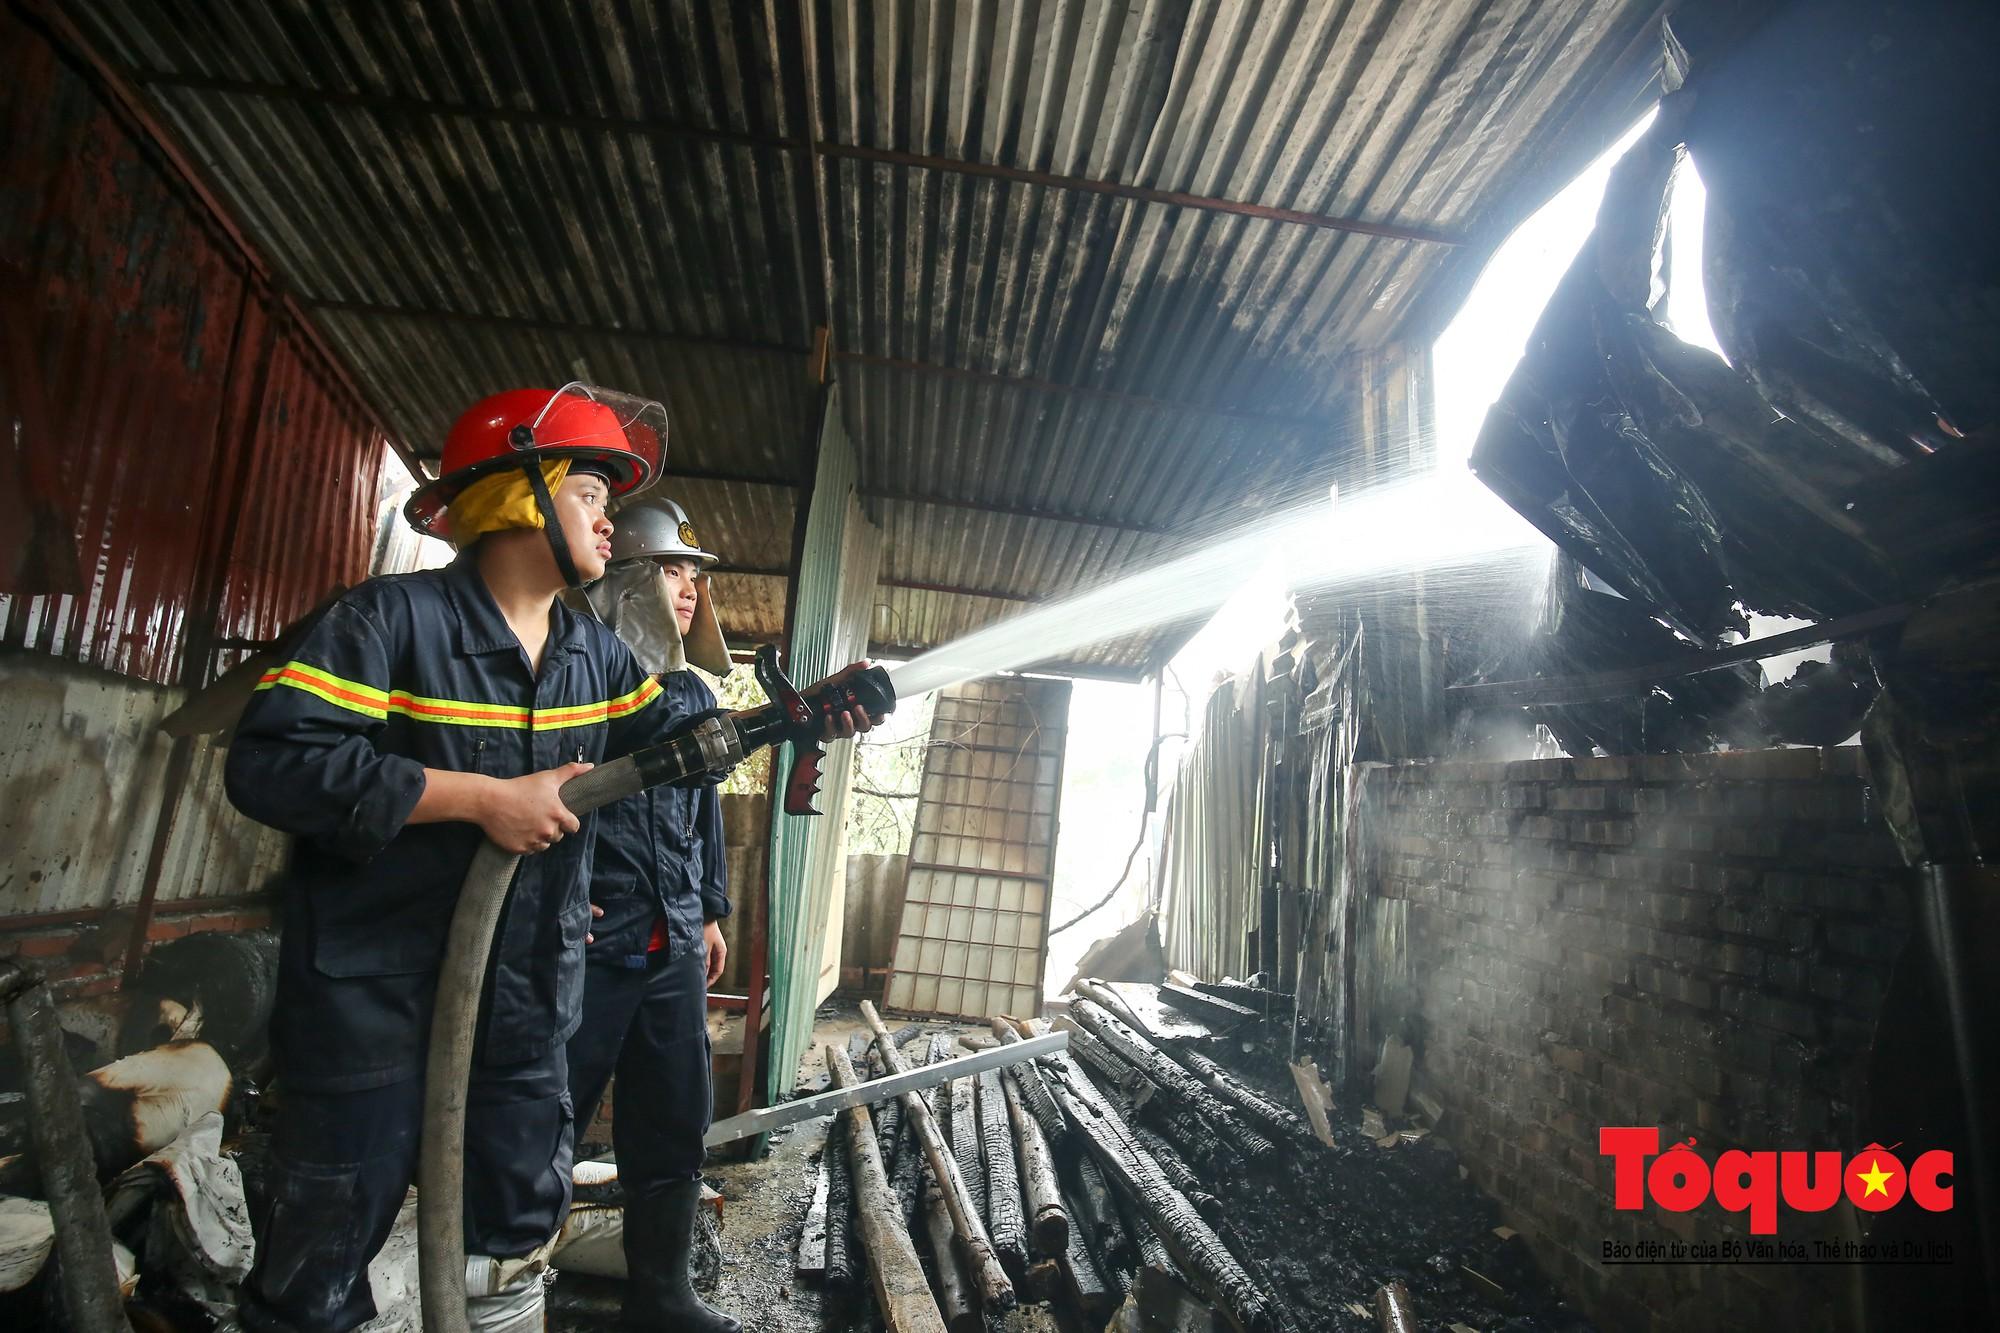 Cận cảnh hiện trường vụ Cháy thảm khốc ở Trung Văn, 8 người chết và mất tích - Ảnh 6.